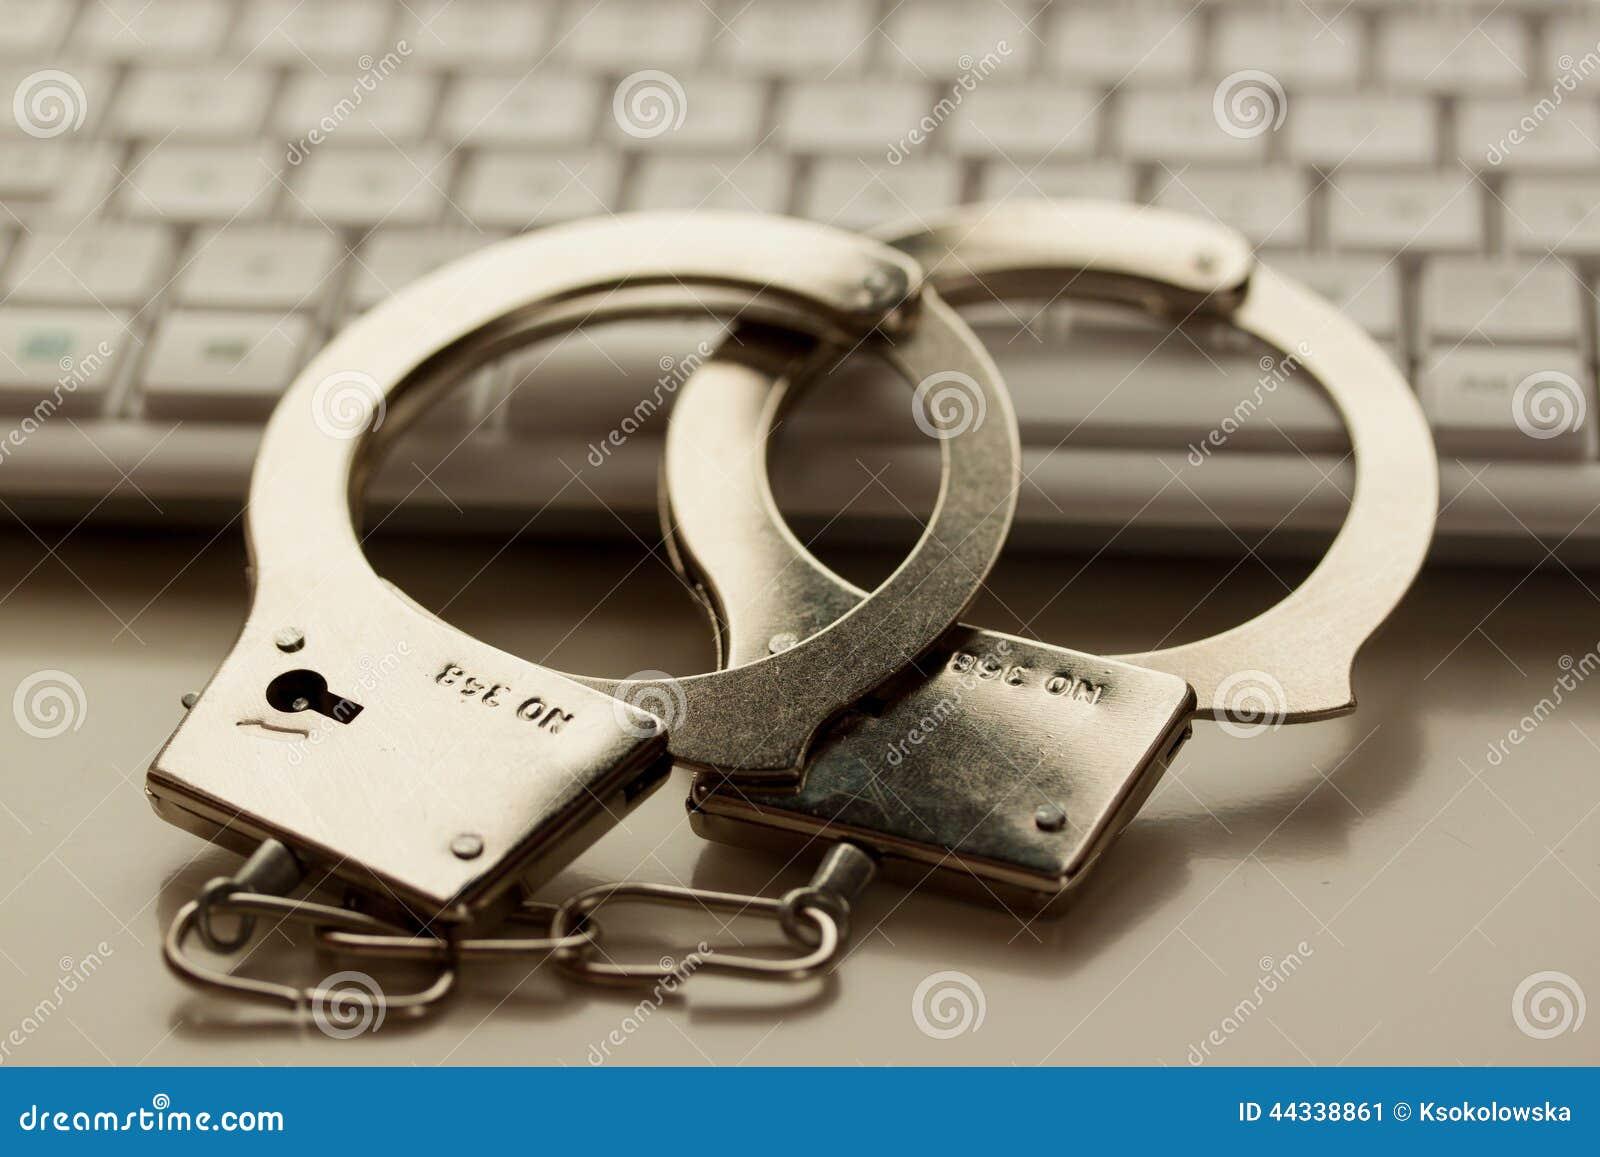 Internet-misdaad